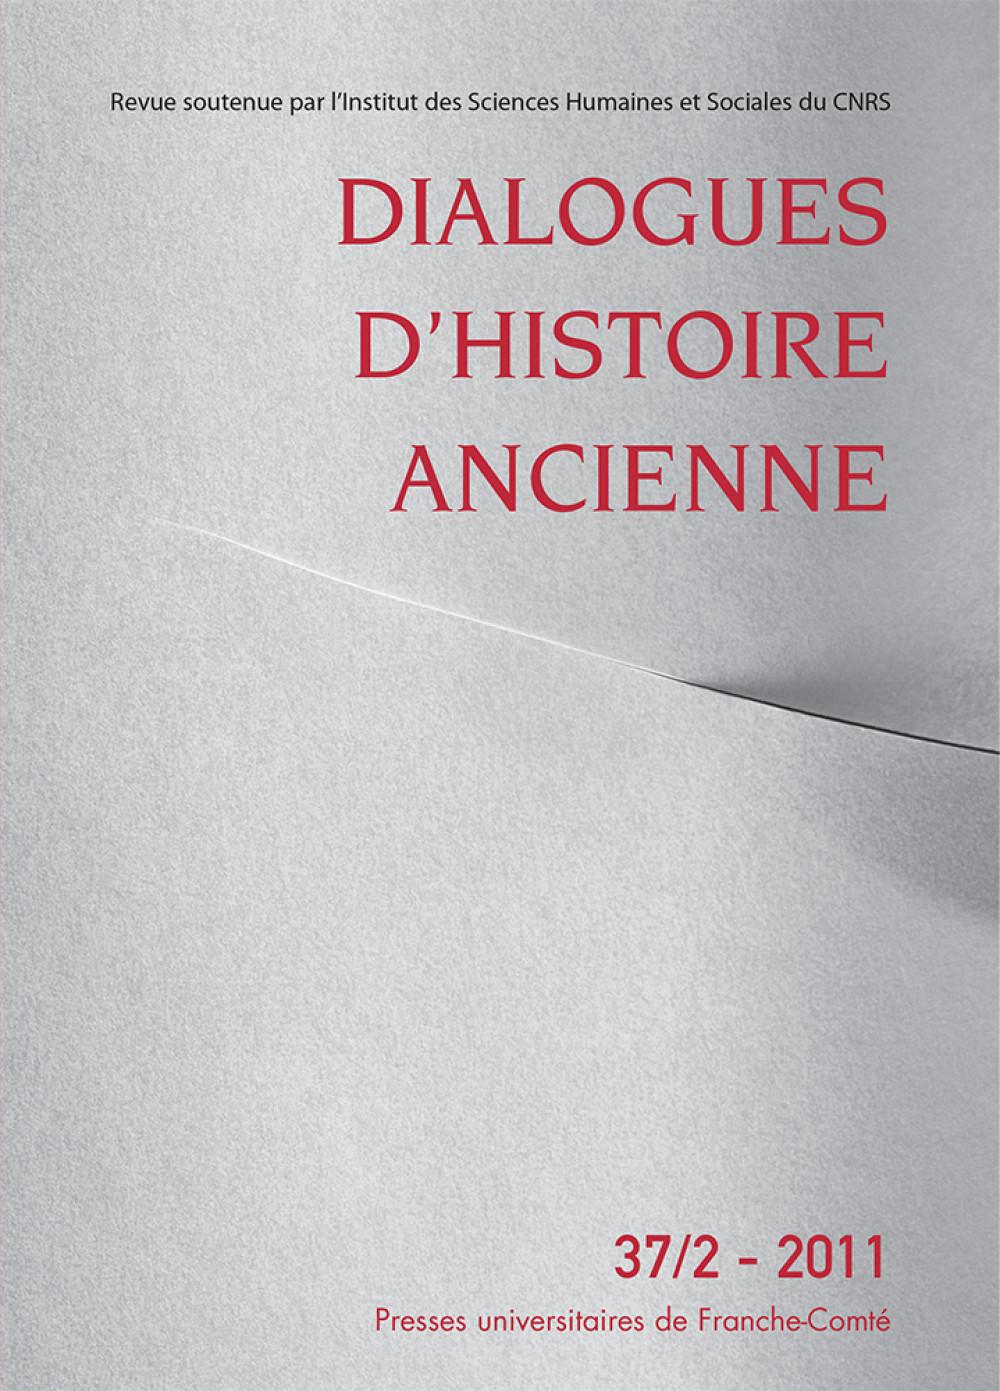 Dialogues d'Histoire Ancienne 37/2